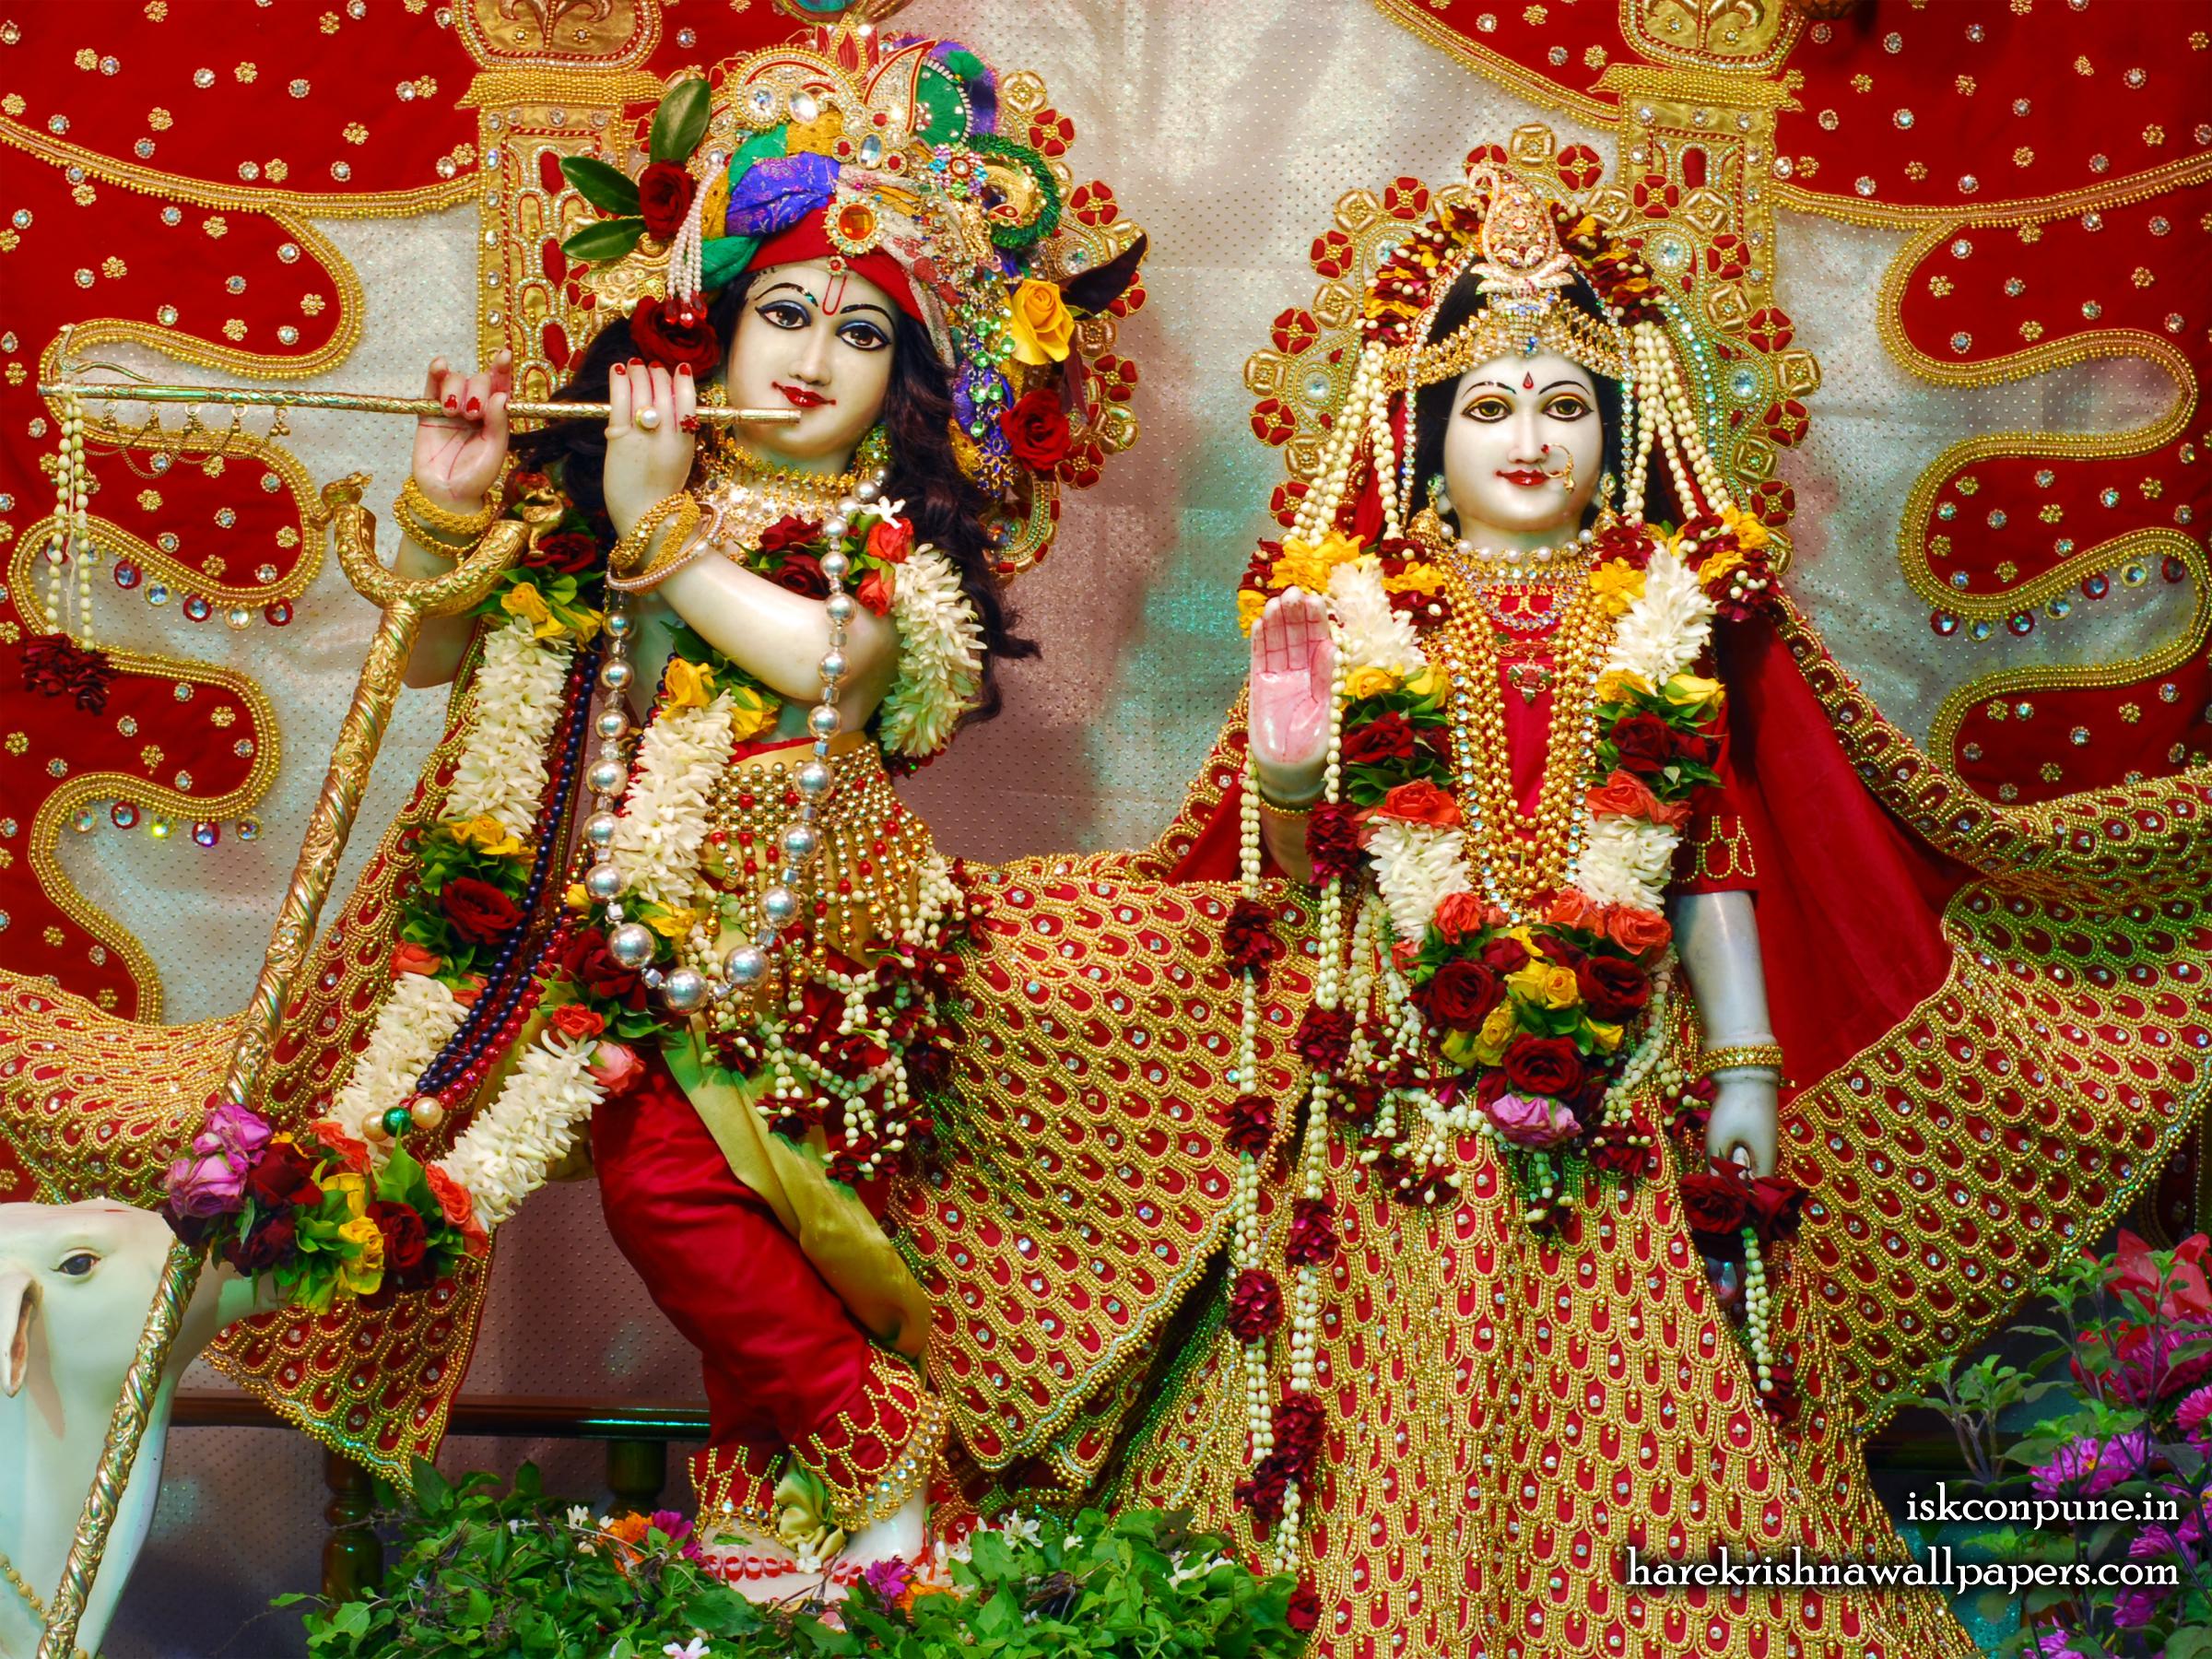 Sri Sri Radha Kunjabihari Wallpaper (004) Size 2400x1800 Download